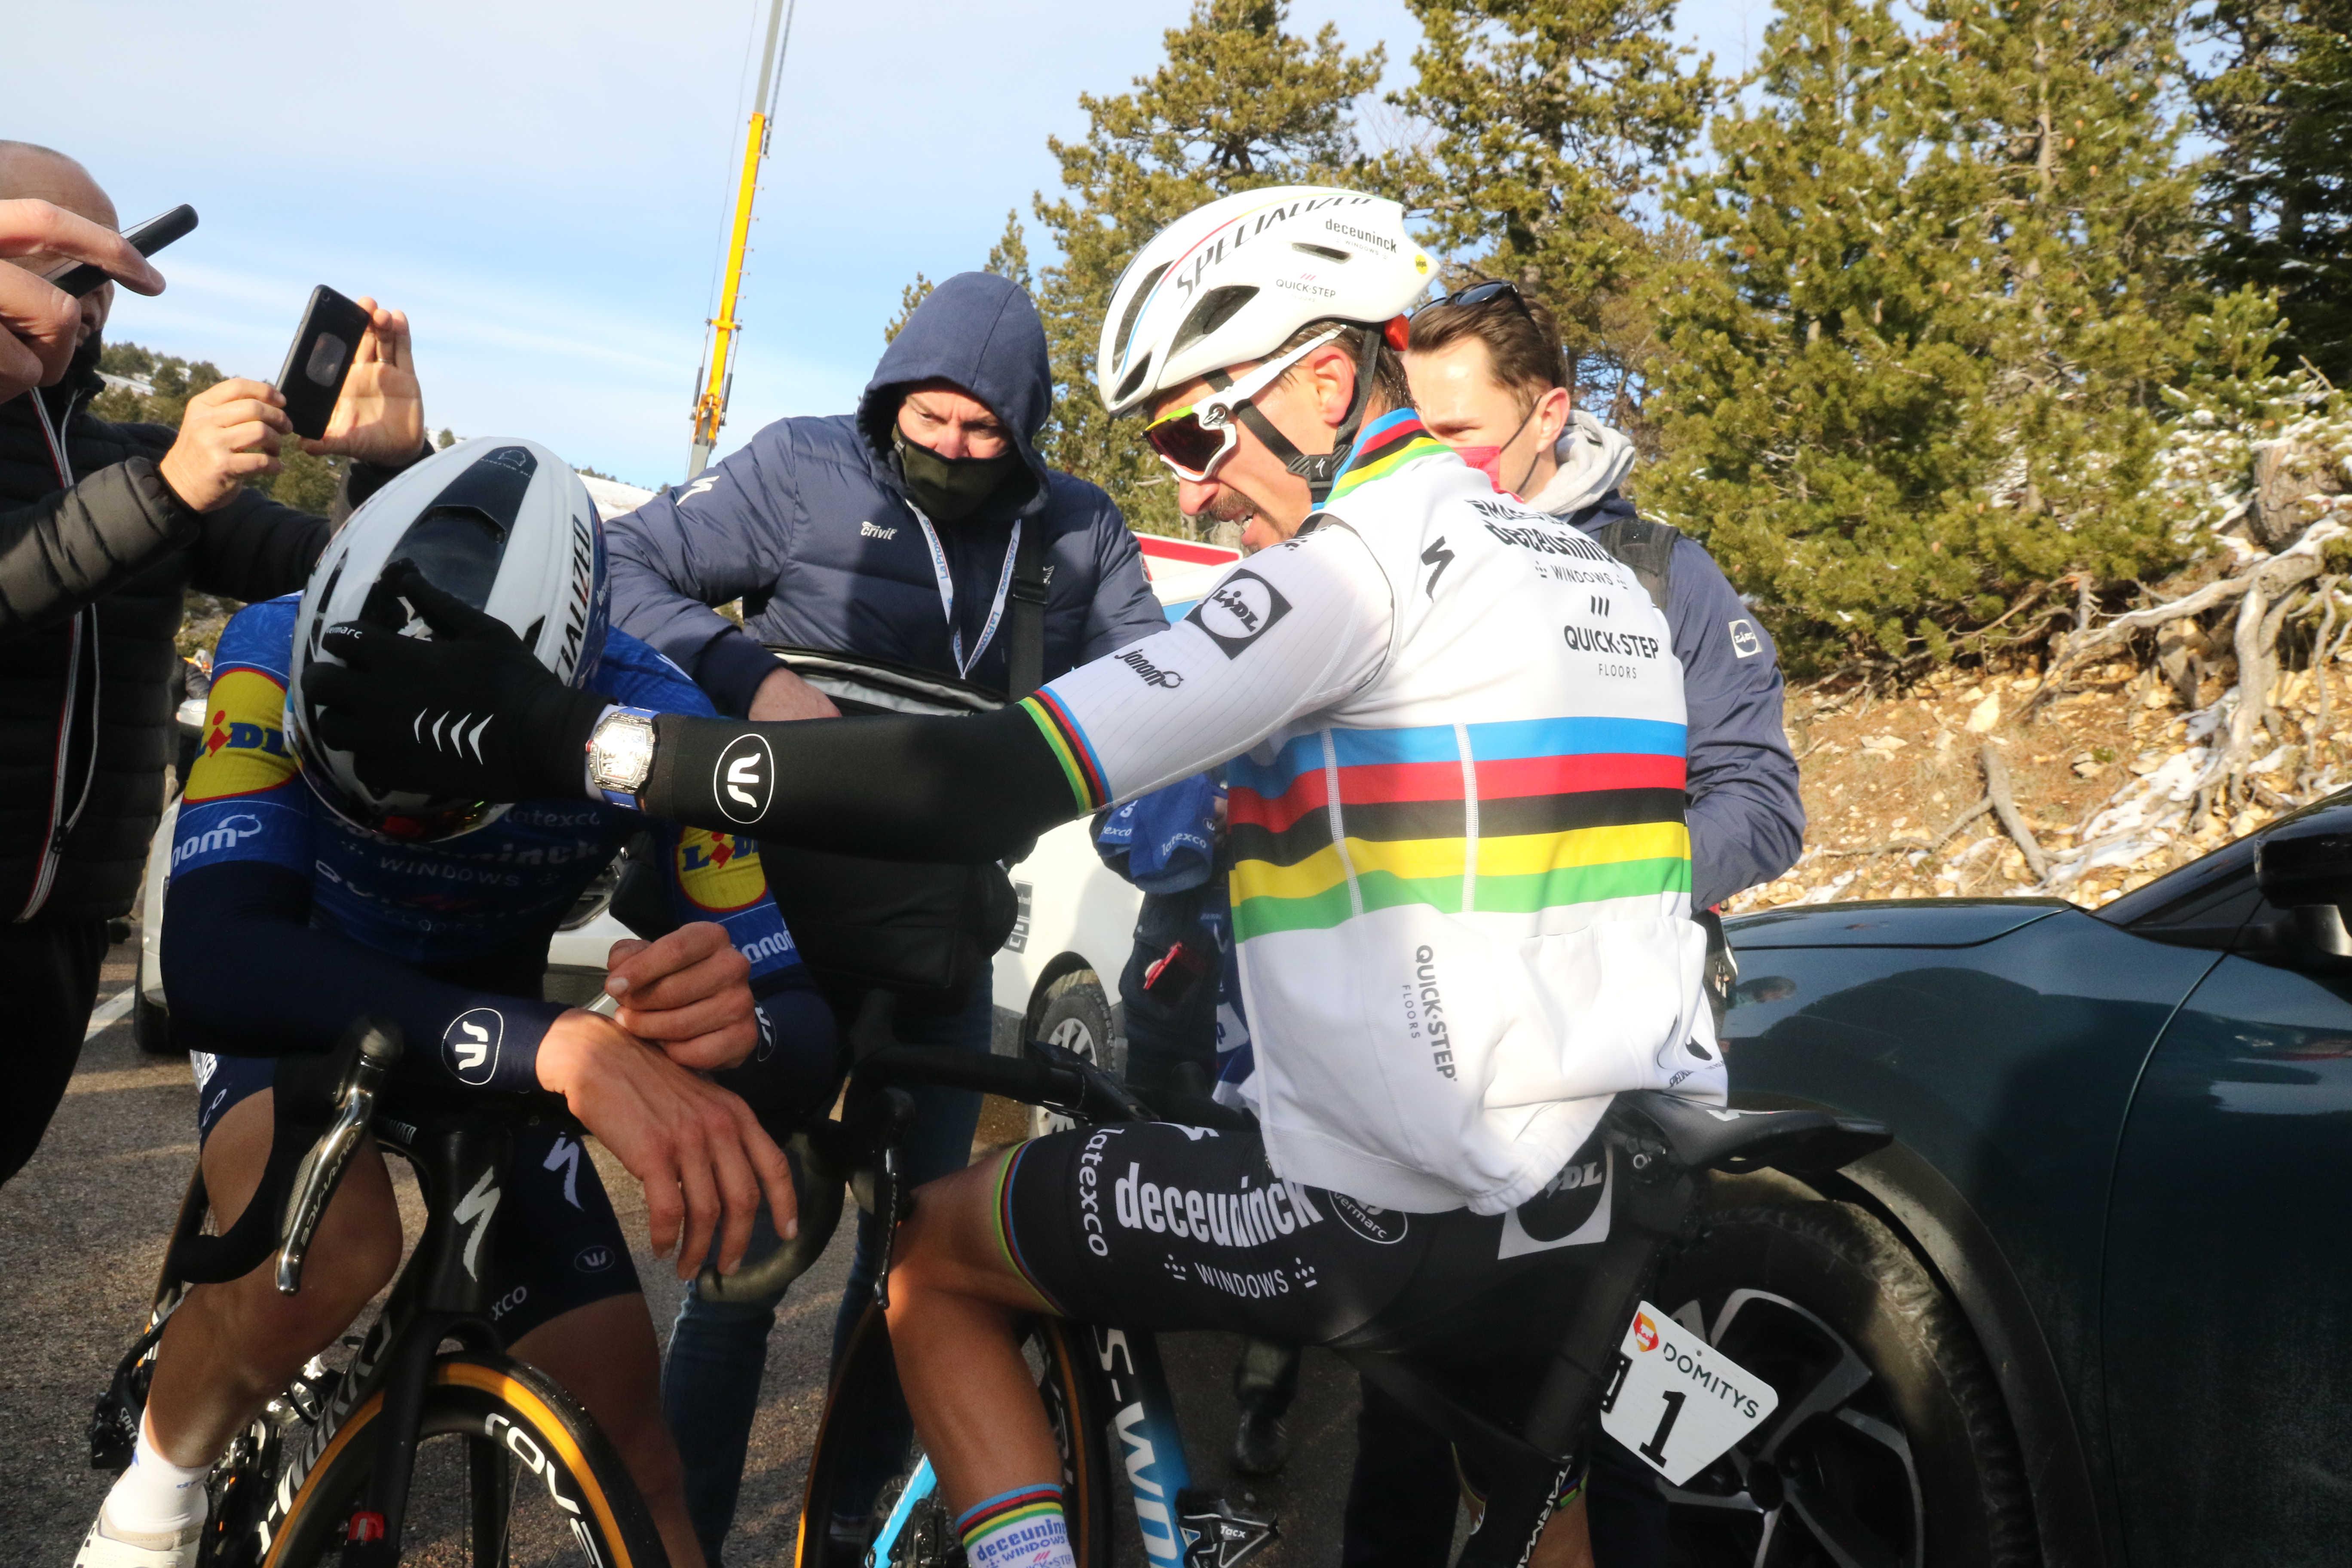 UCI kolesarjem odsvetuje objemanje